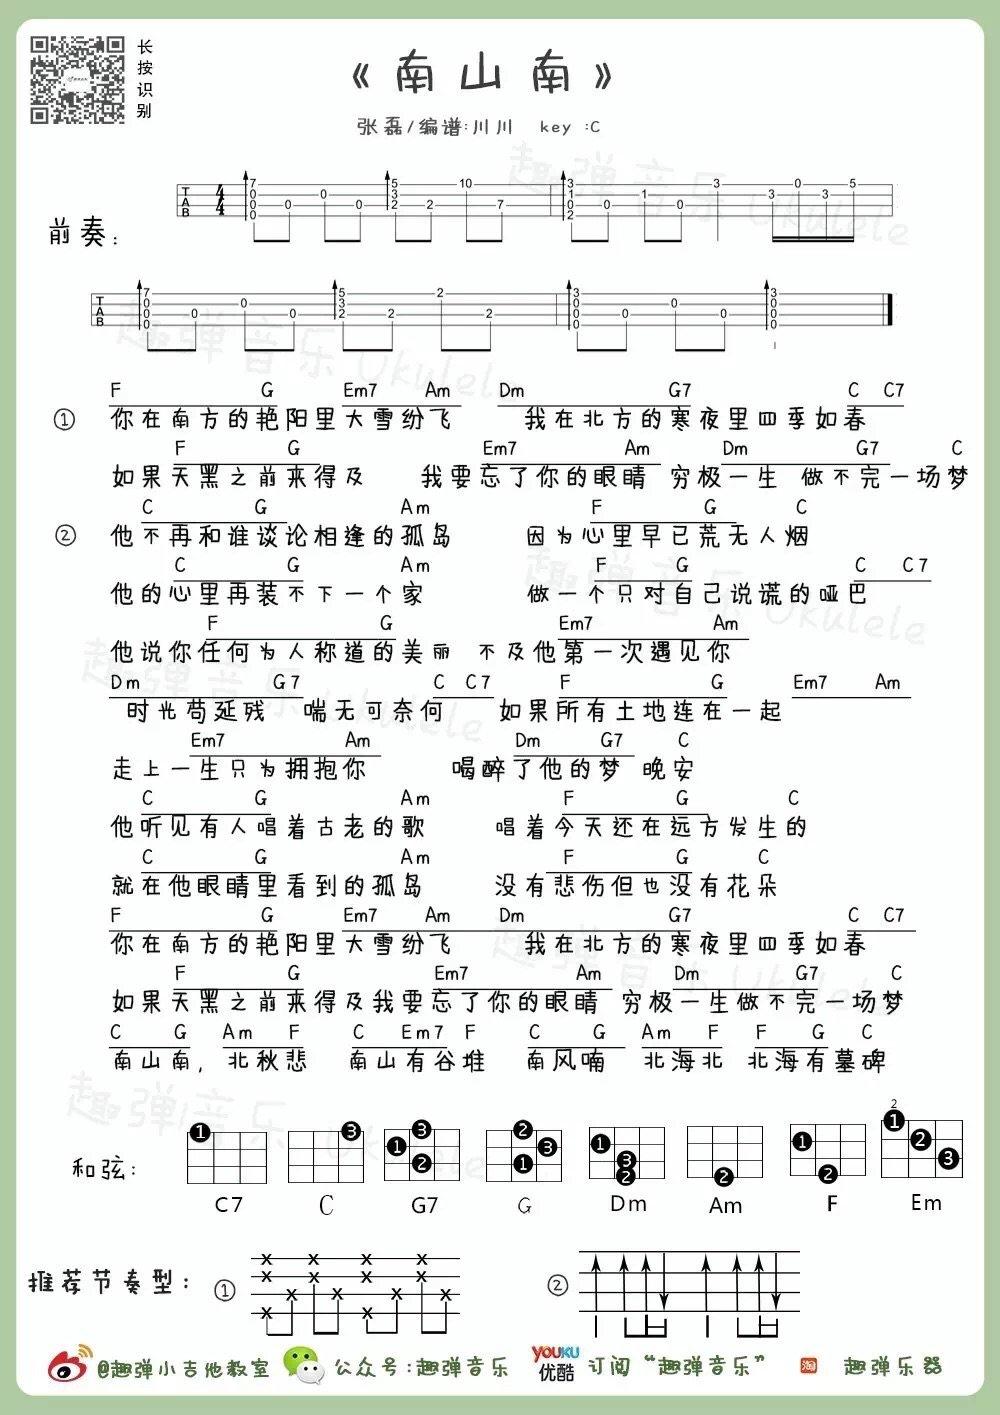 【弹唱曲谱】《南山南》/张磊版